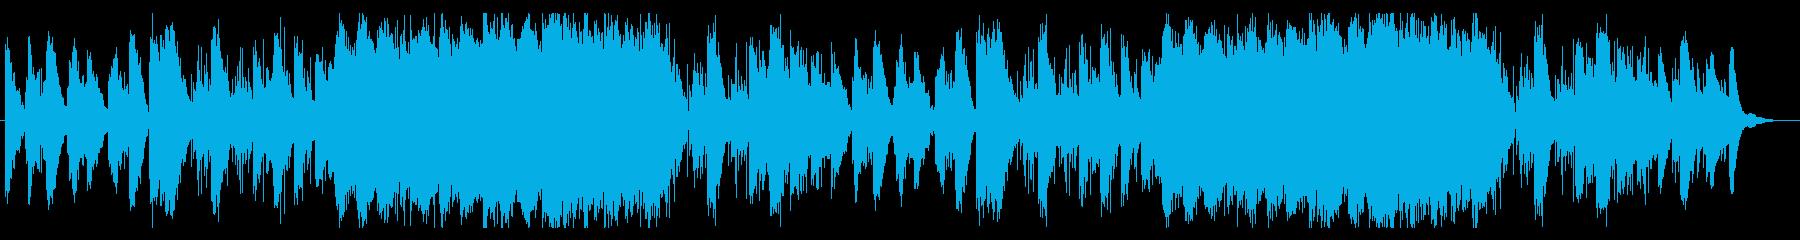 冒険の旅をイメージした切ない曲の再生済みの波形